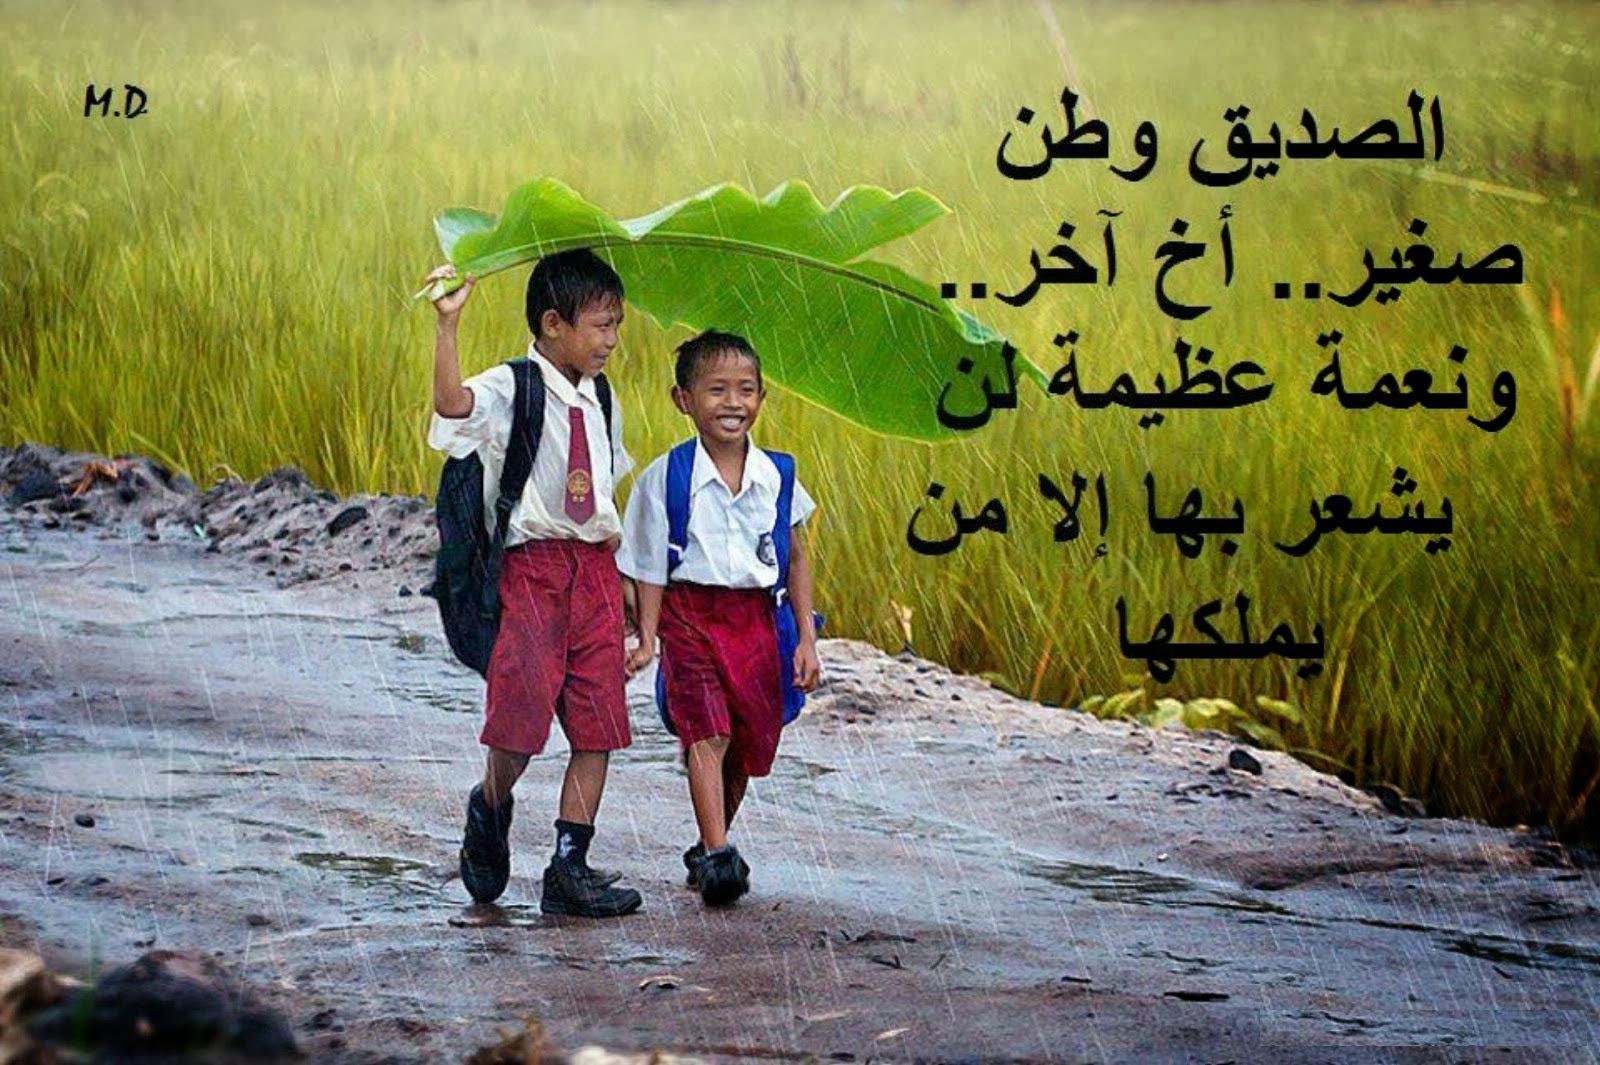 بالصور كلام عن الاصدقاء , كلمات معبرة عن الاصحاب 5810 2